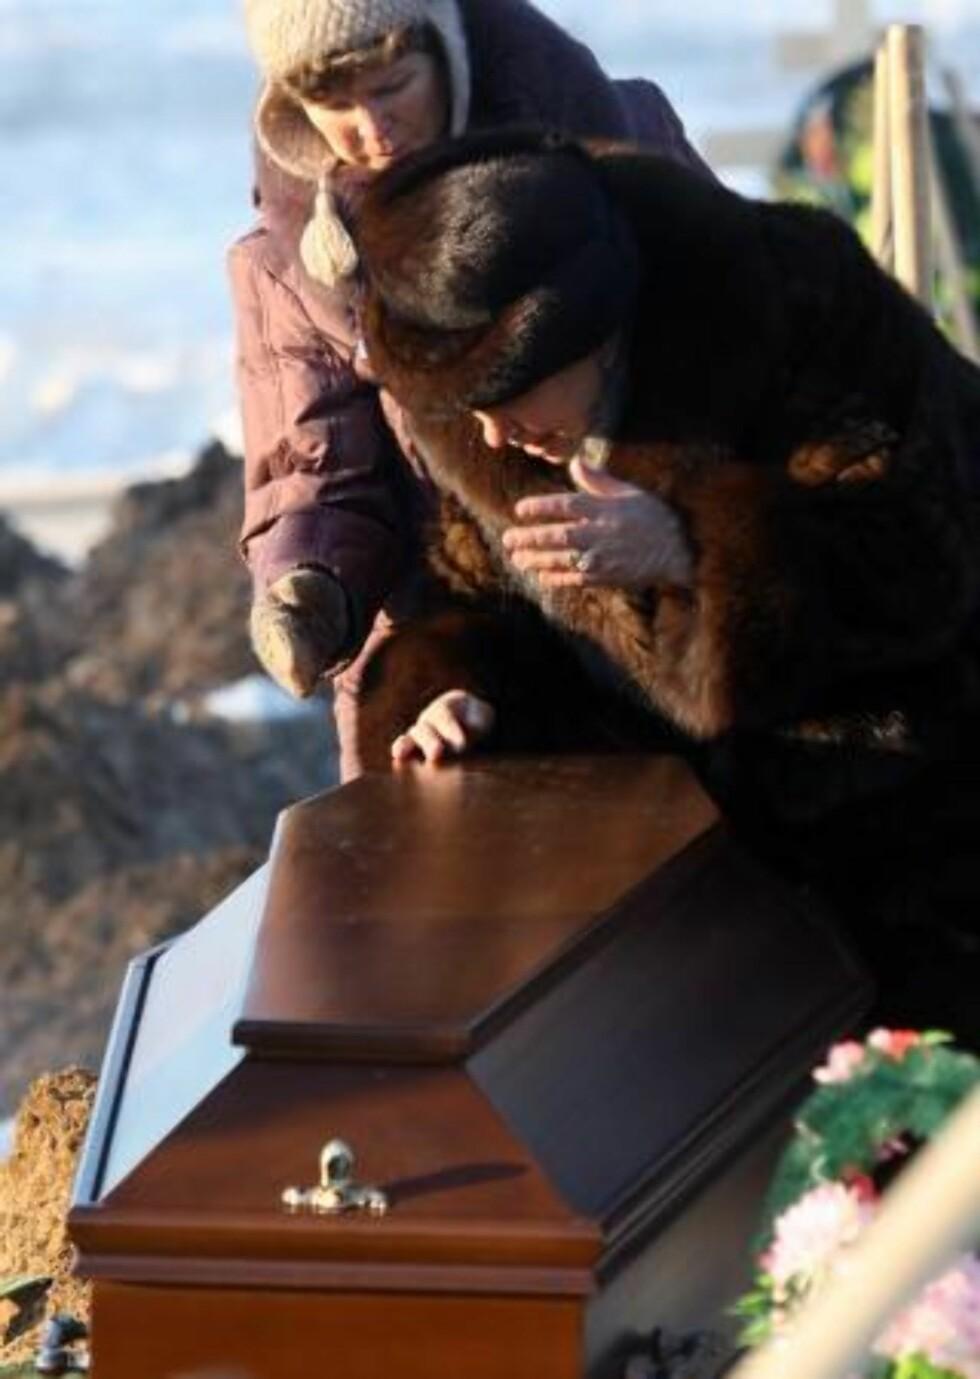 BEGRAVELSE: 17 personer ble i dag gravlagt i Perm etter branntragedien. Foto: EPA/SERGEI ILNITSKY/Scanpix